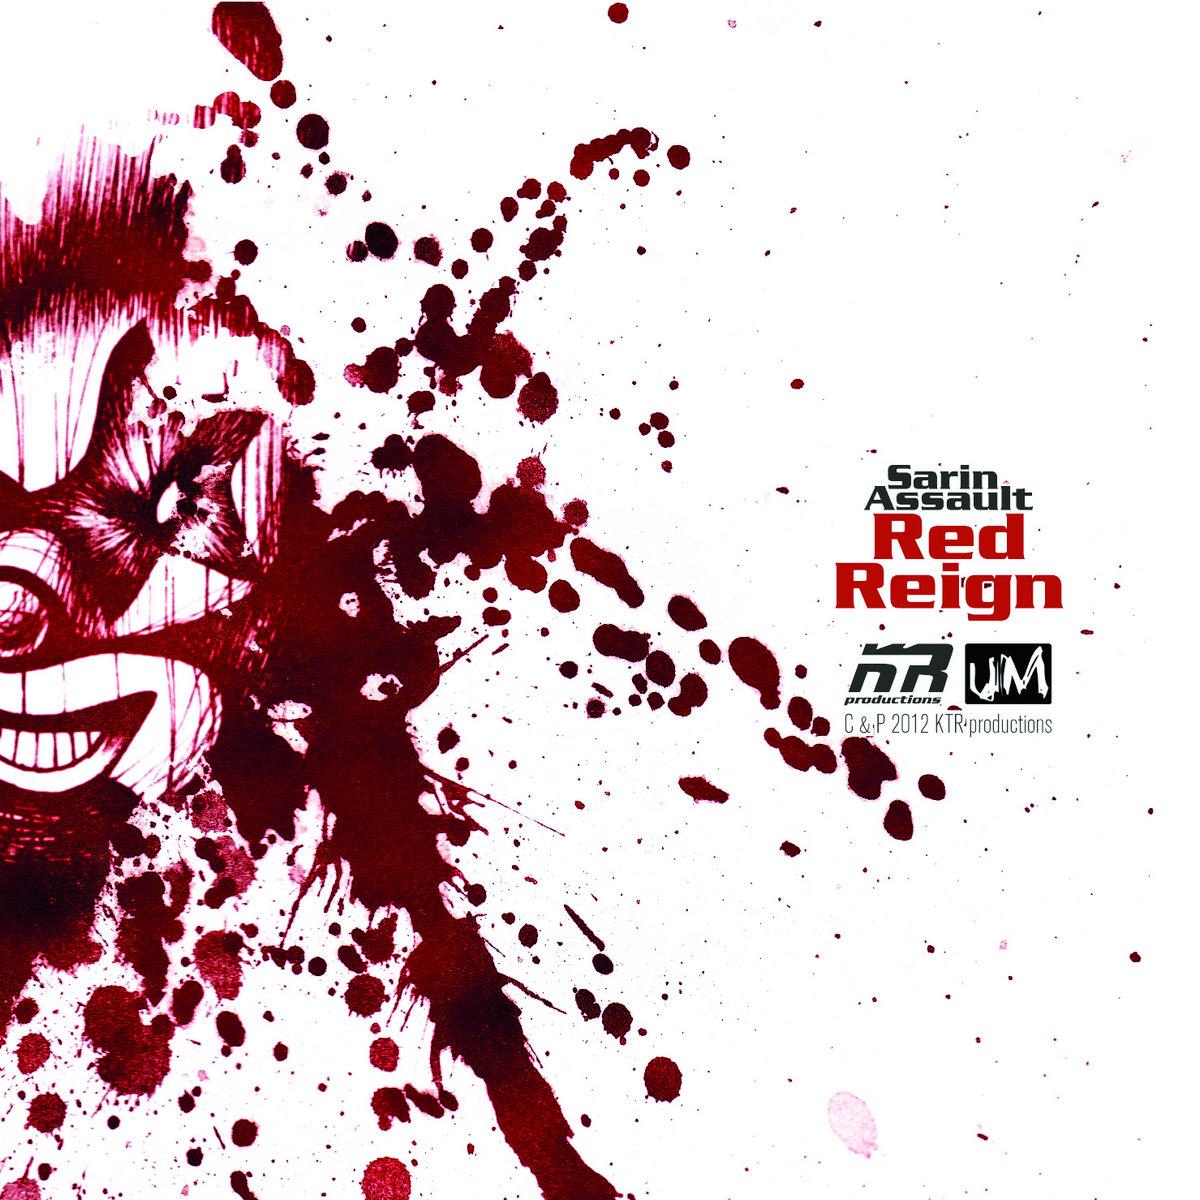 Red Reign | Underground Music